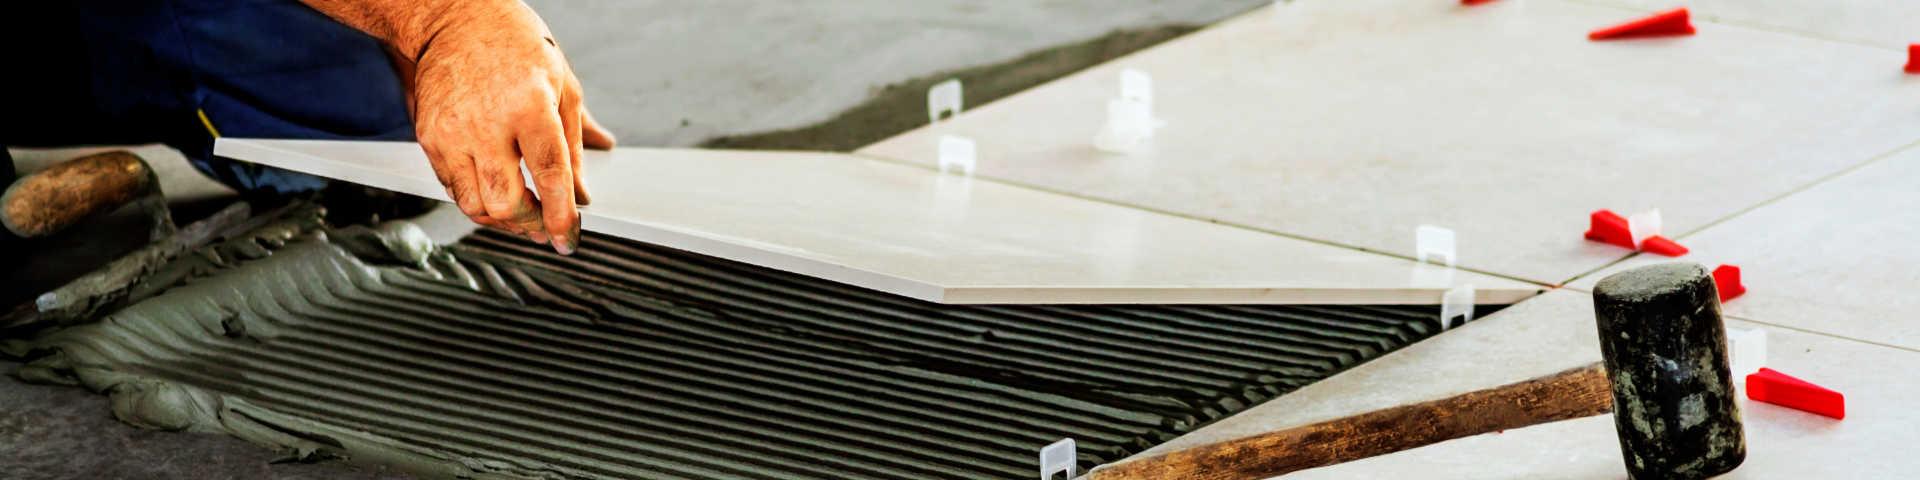 glazurnik układa na podłodze płytki wielkoformatowe